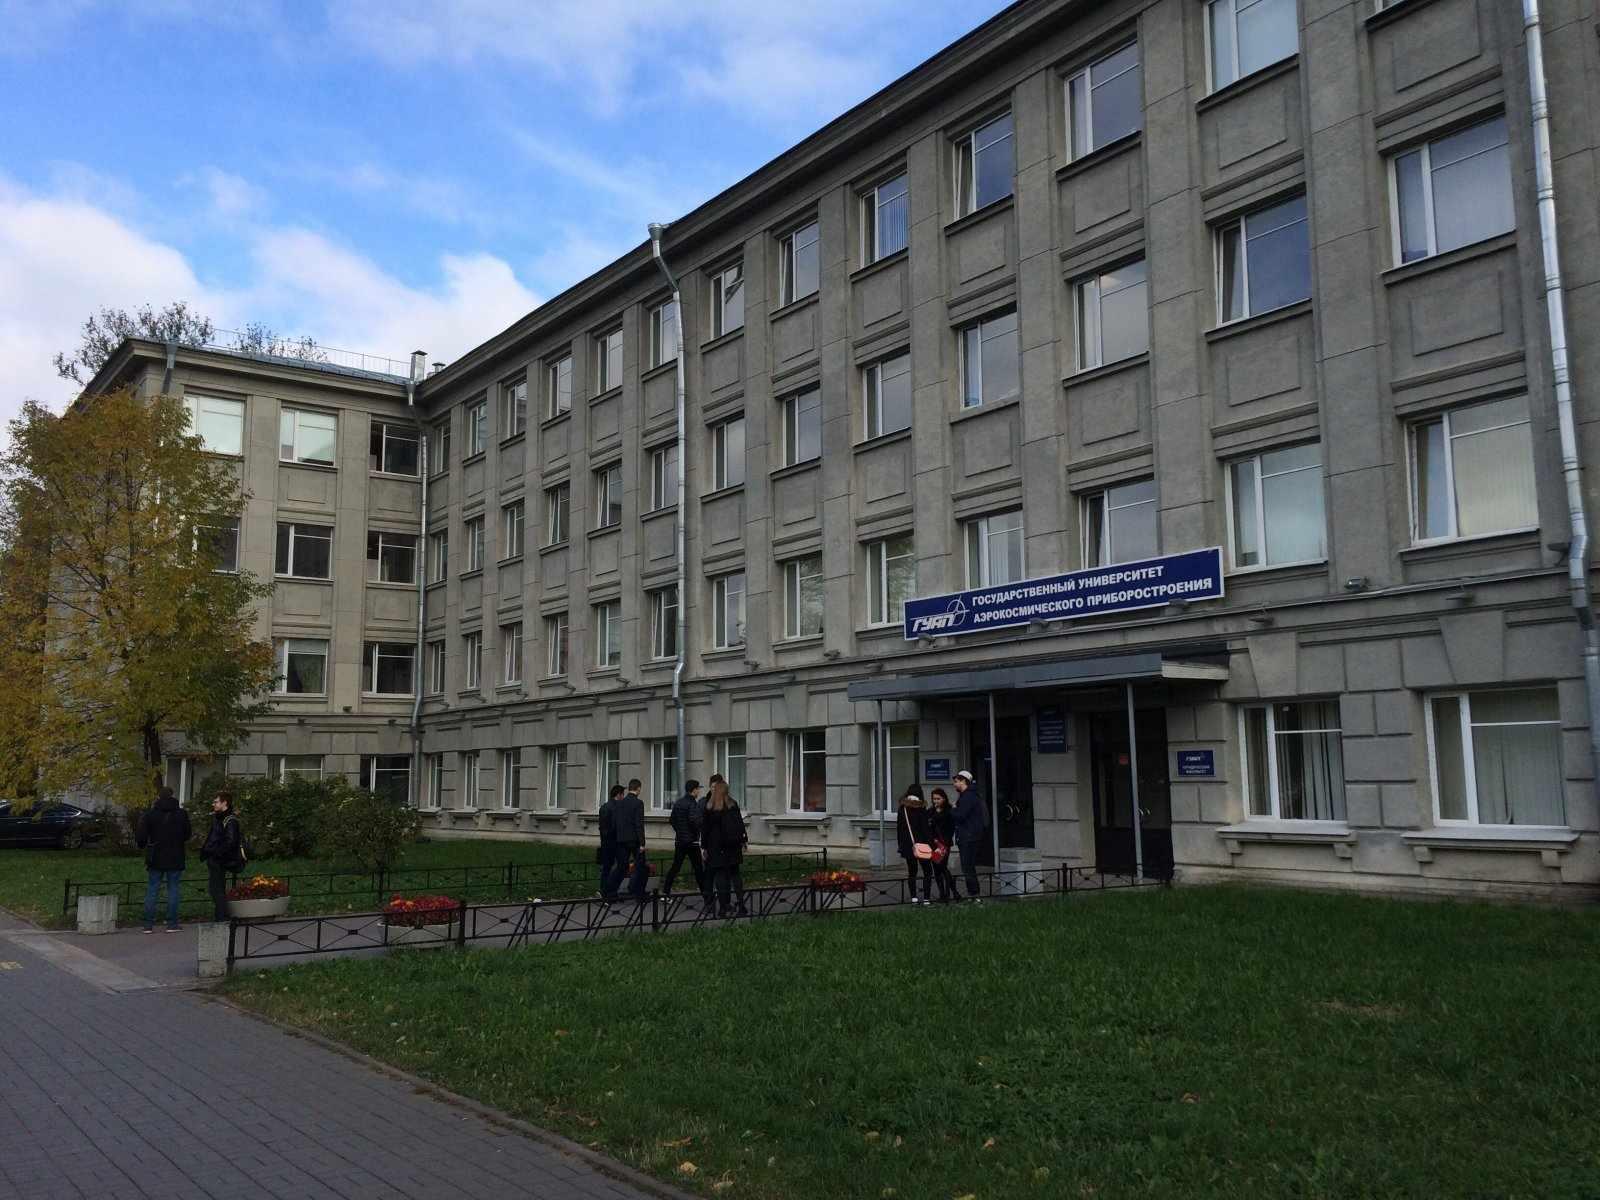 Санкт-Петербургский государственный университет аэрокосмического приборостроения занимает 8-ое место в рейтинге вузов Санкт-Петербурга